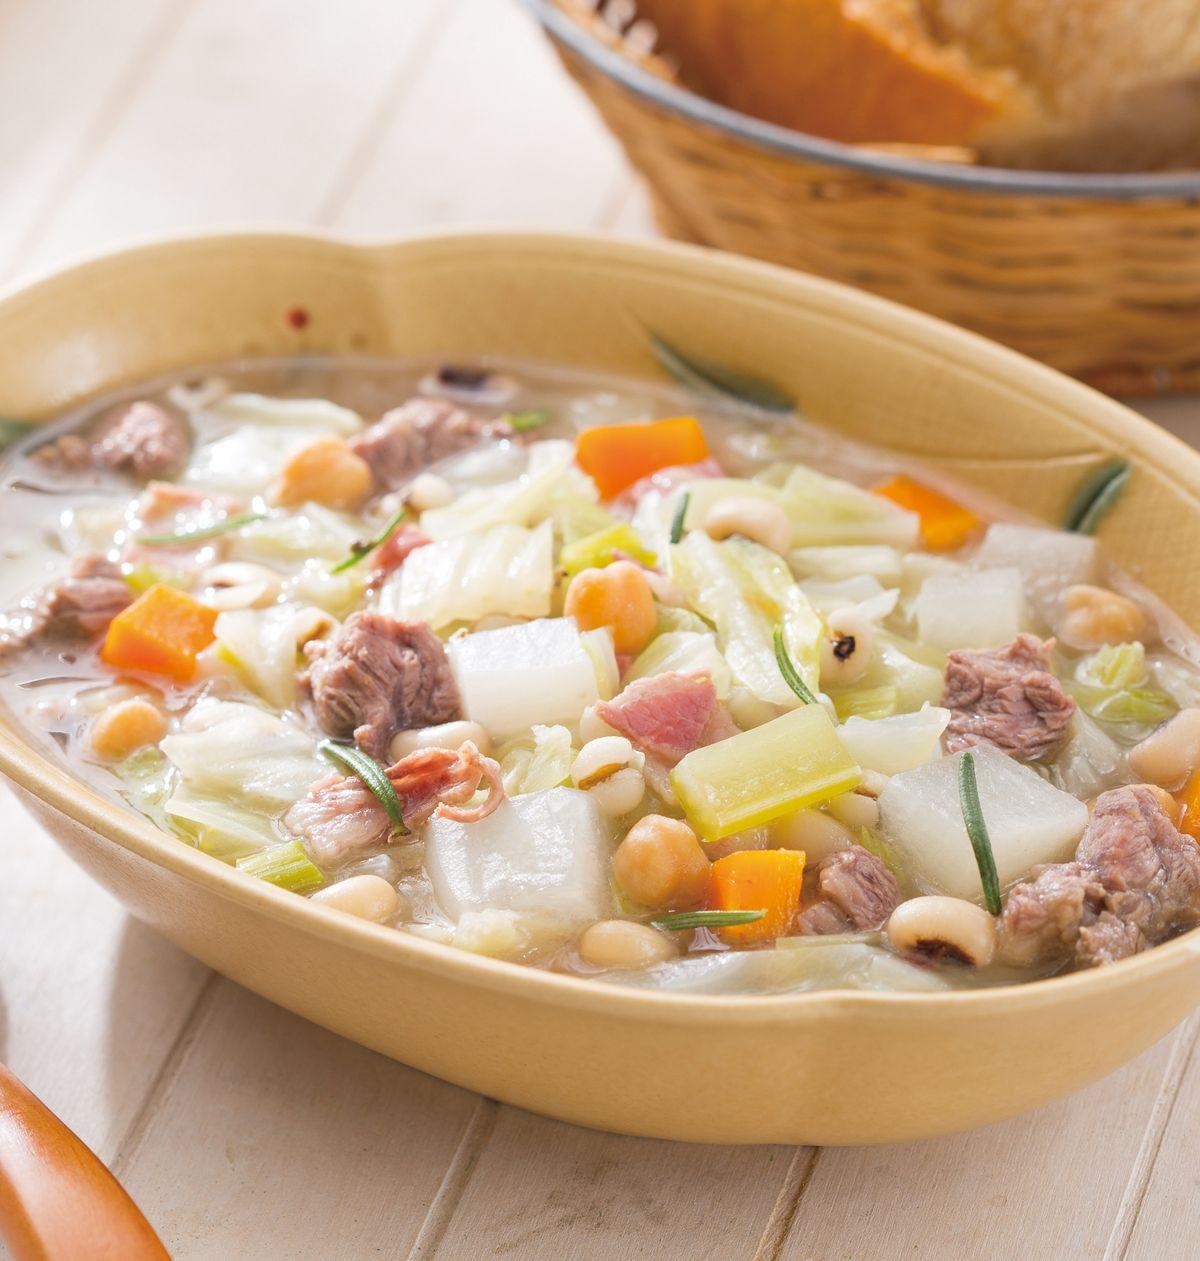 食譜:鳳眼豆燉羊肉湯